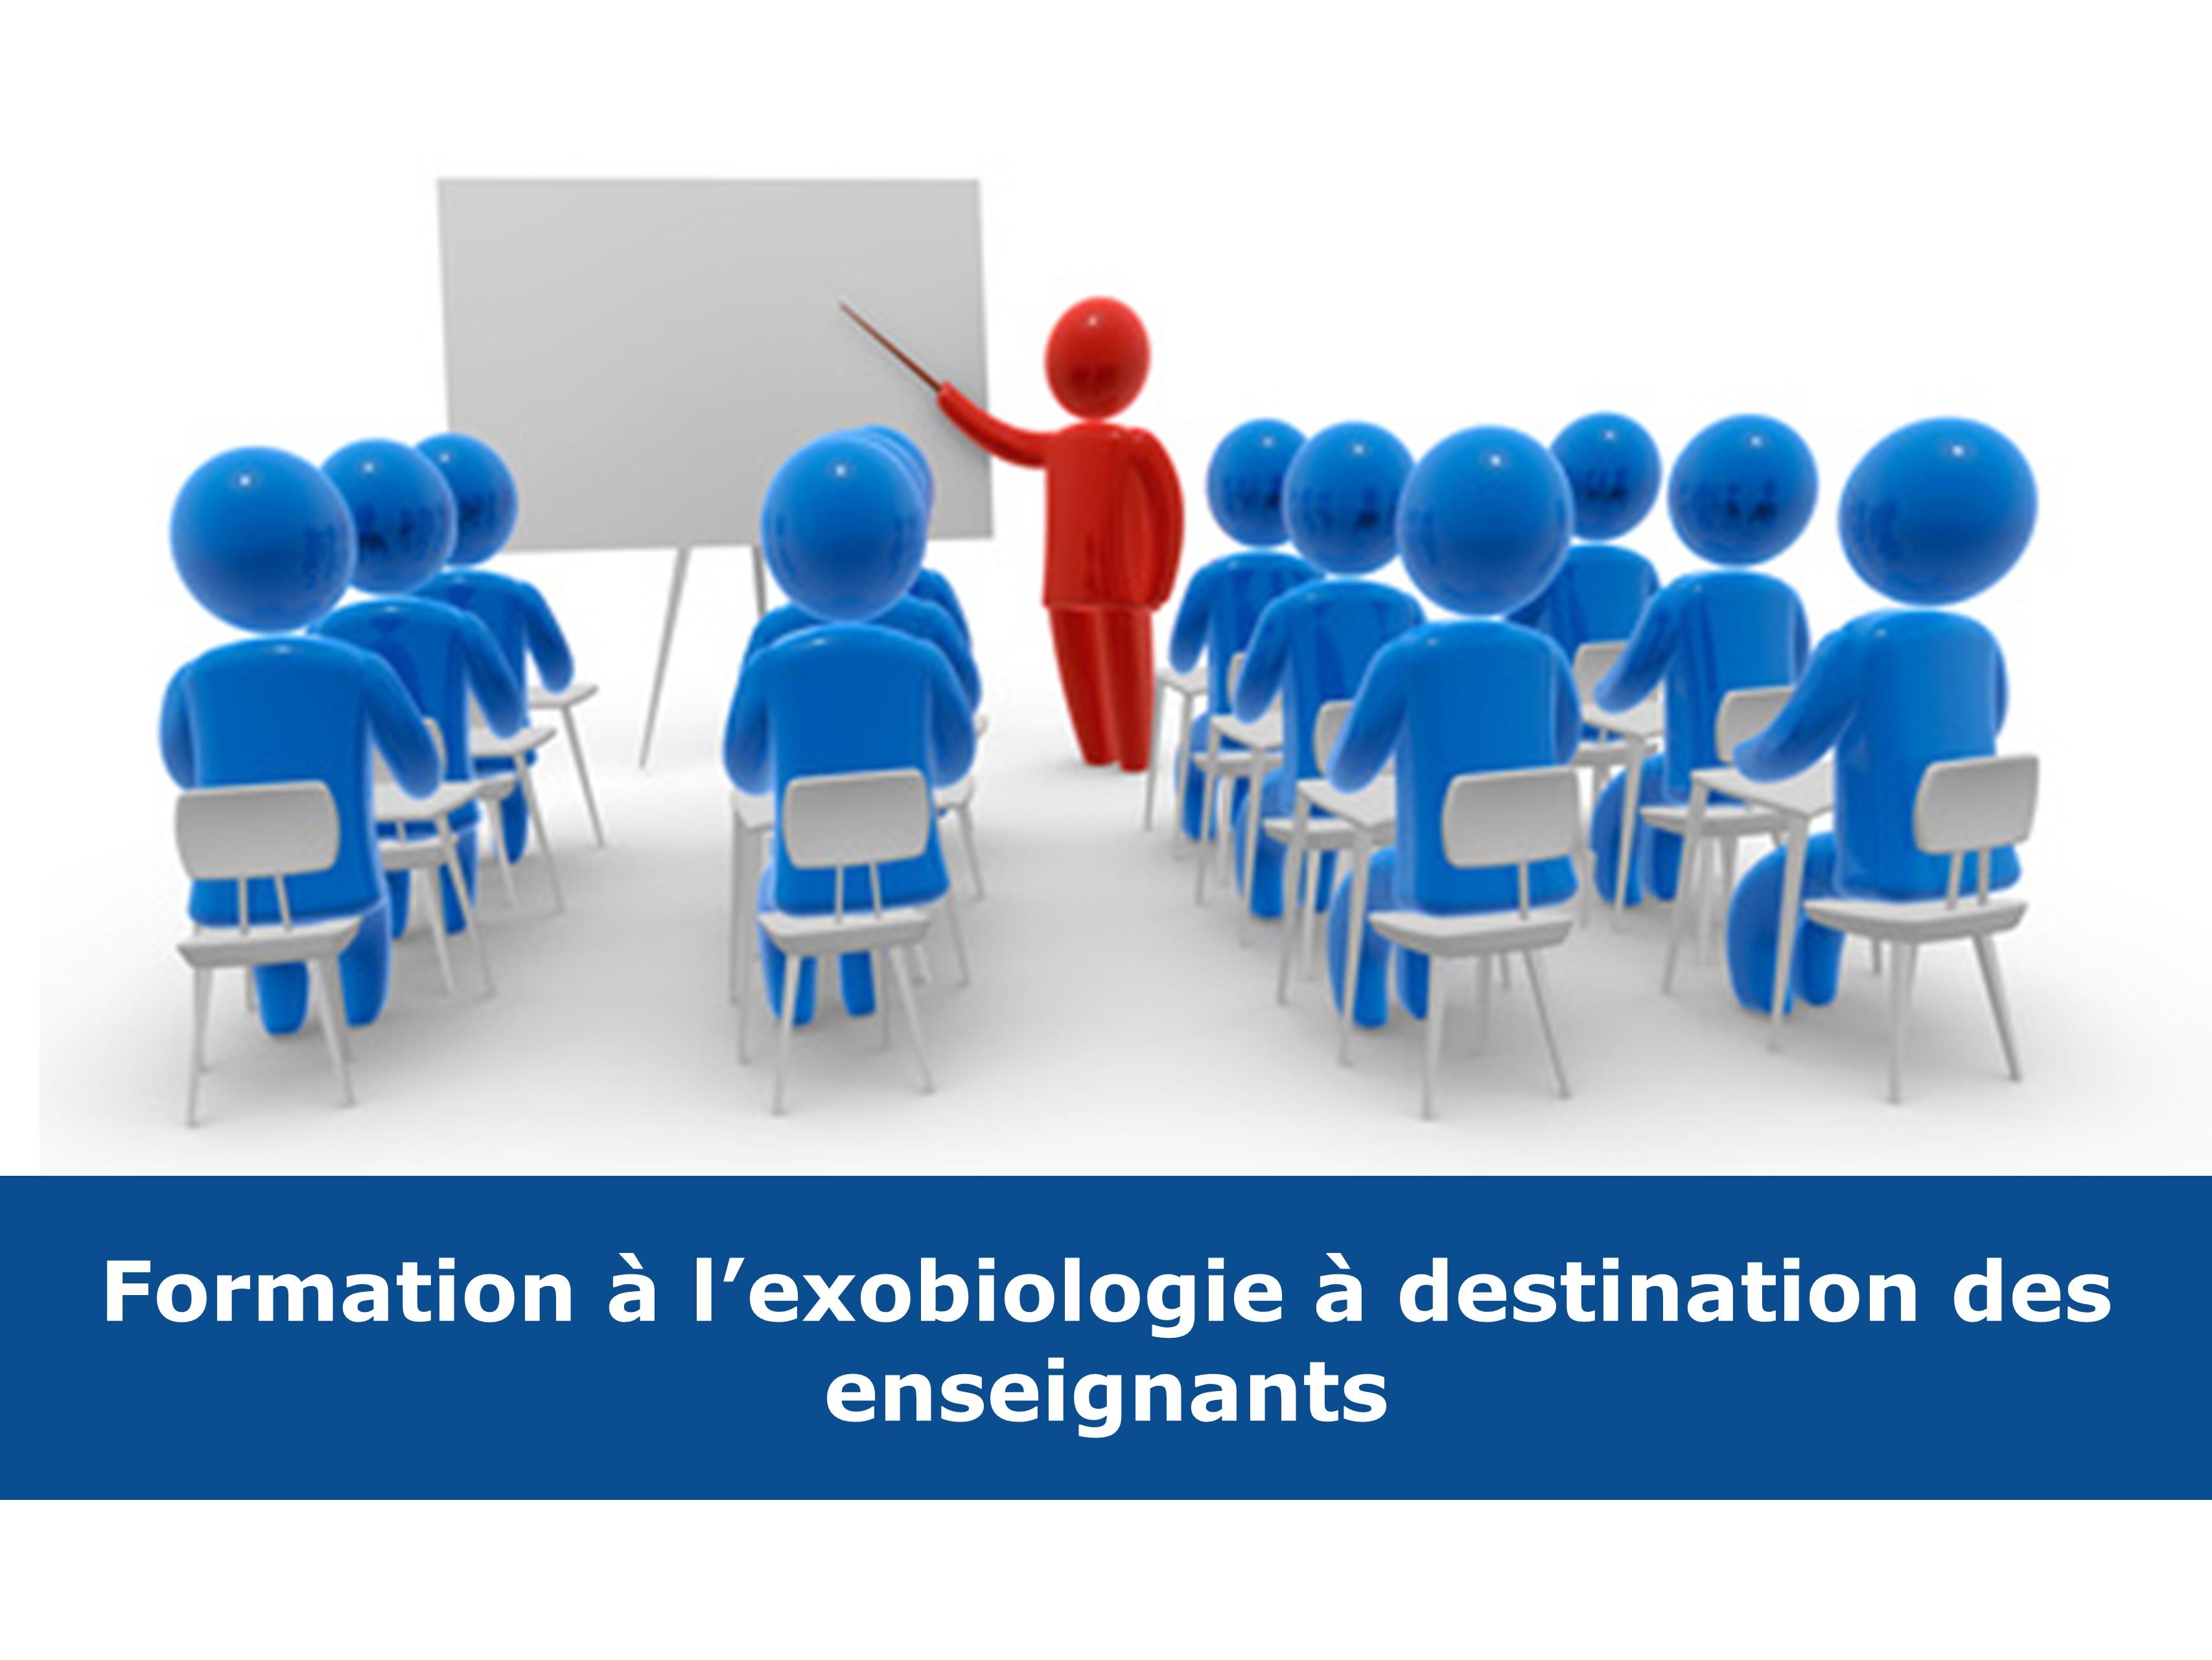 Retour sur la formation à l'exobiologie à destination des enseignants 2019